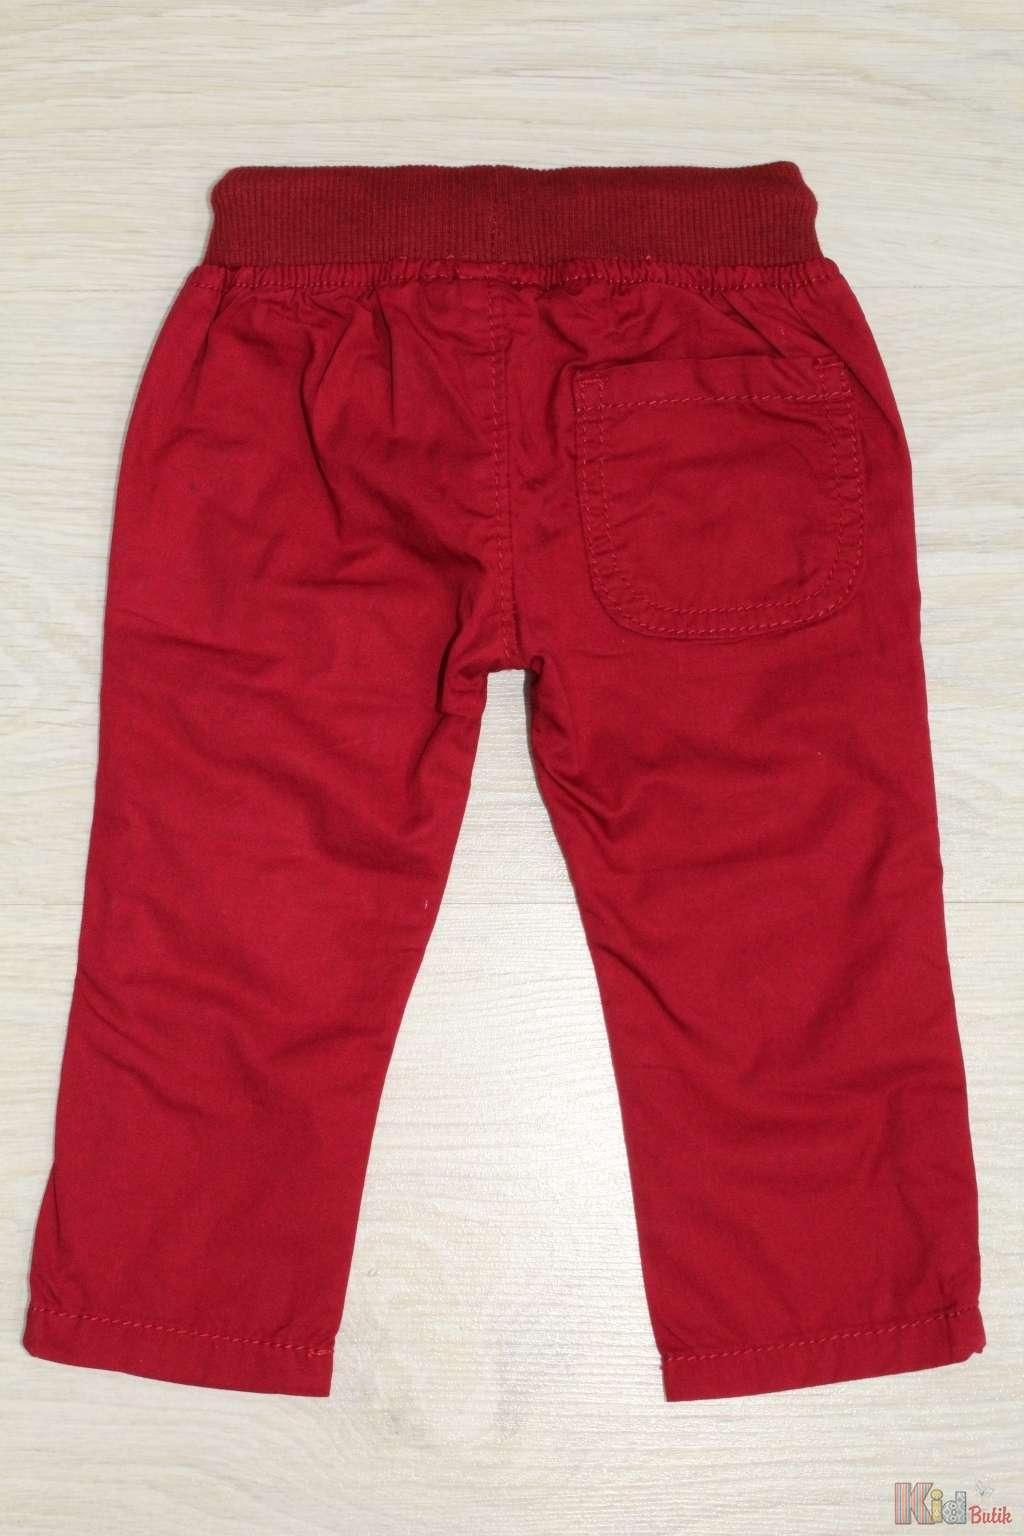 Купить брюки для мальчика доставка